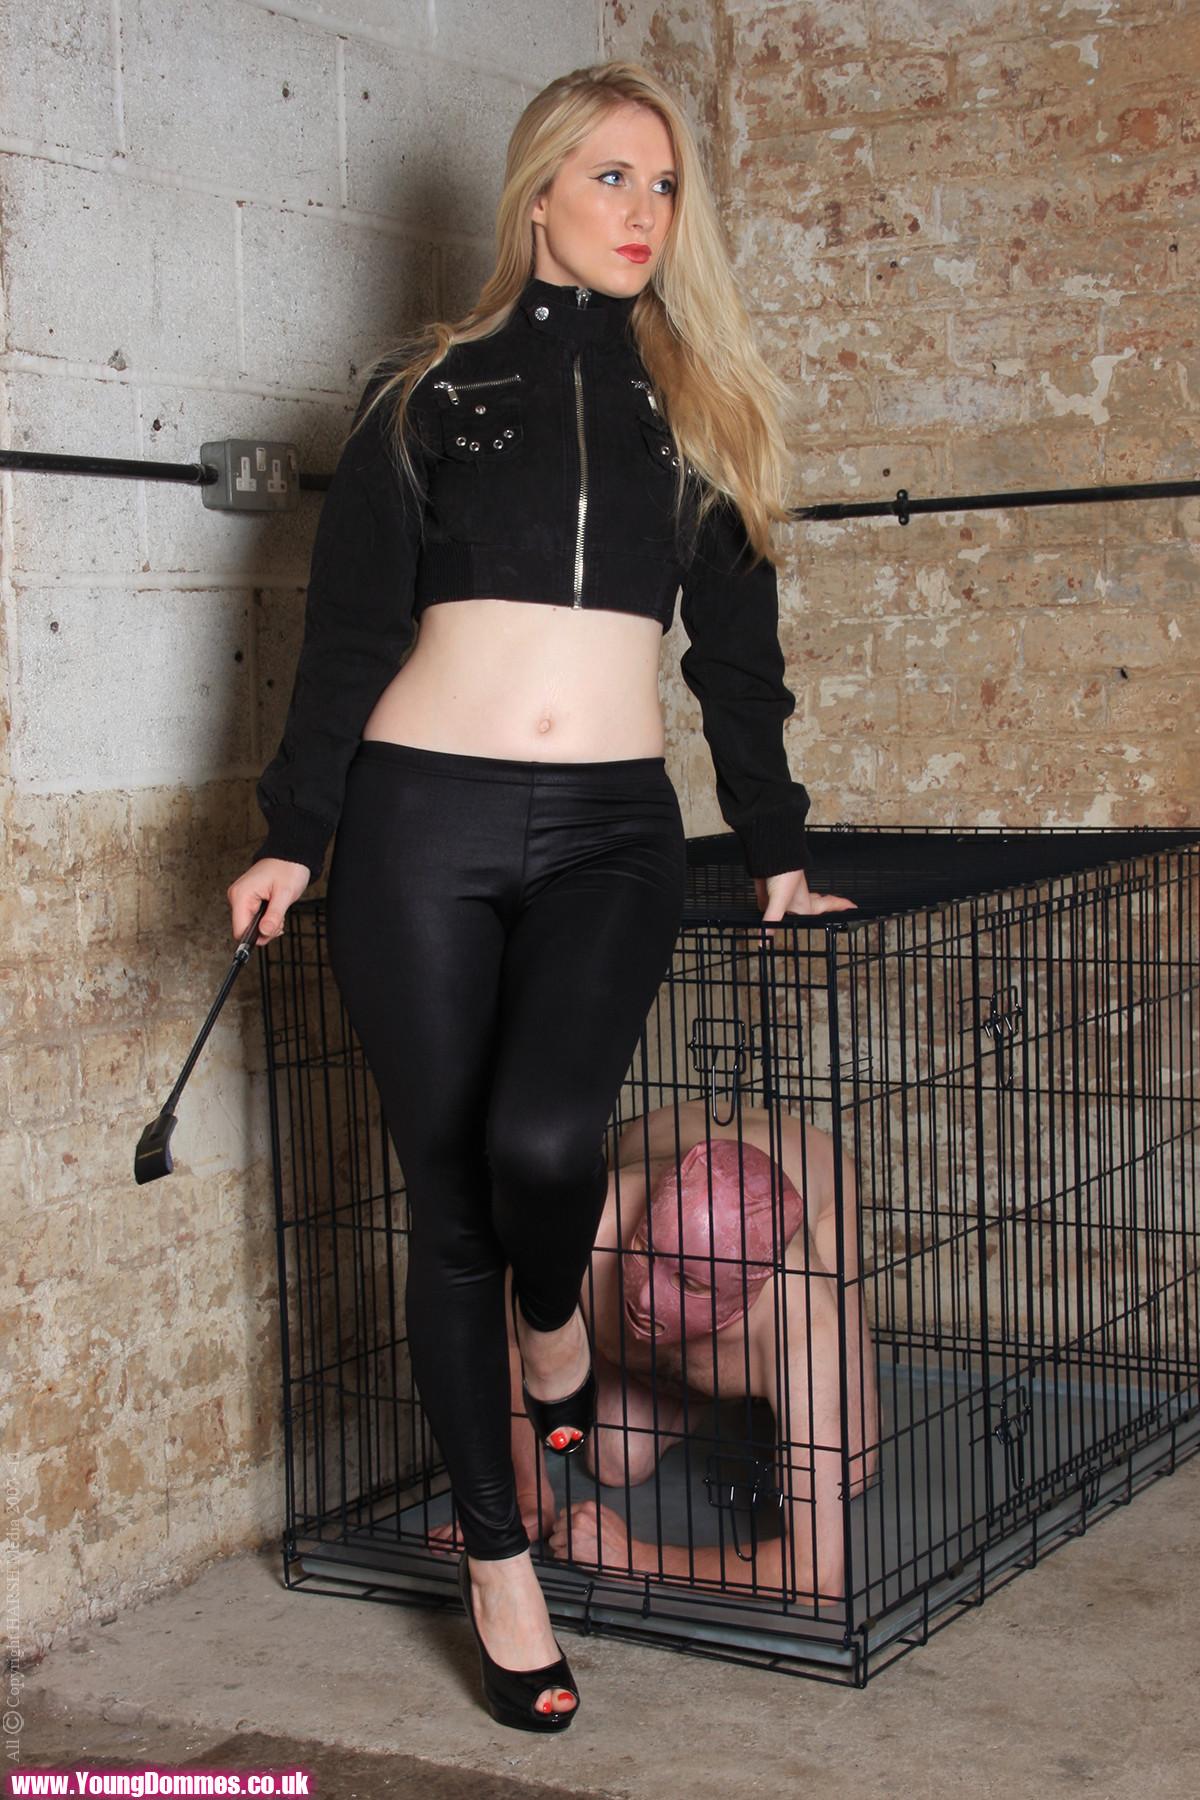 Female domination sissy slut